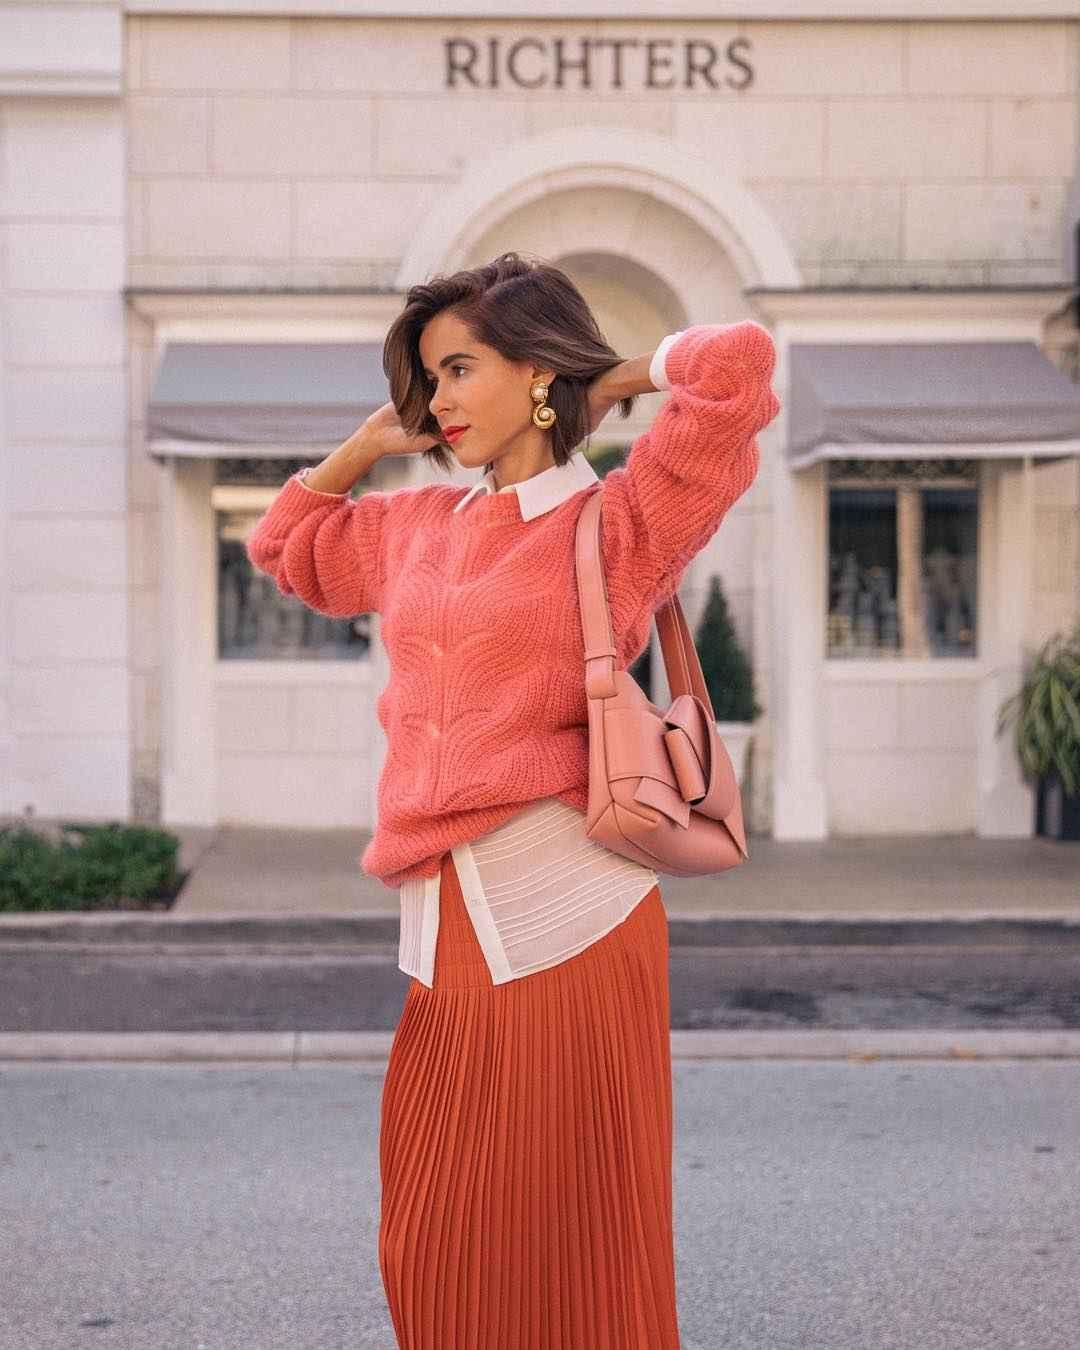 Модные деловые образы с юбкой 2019-2020 фото идеи_12